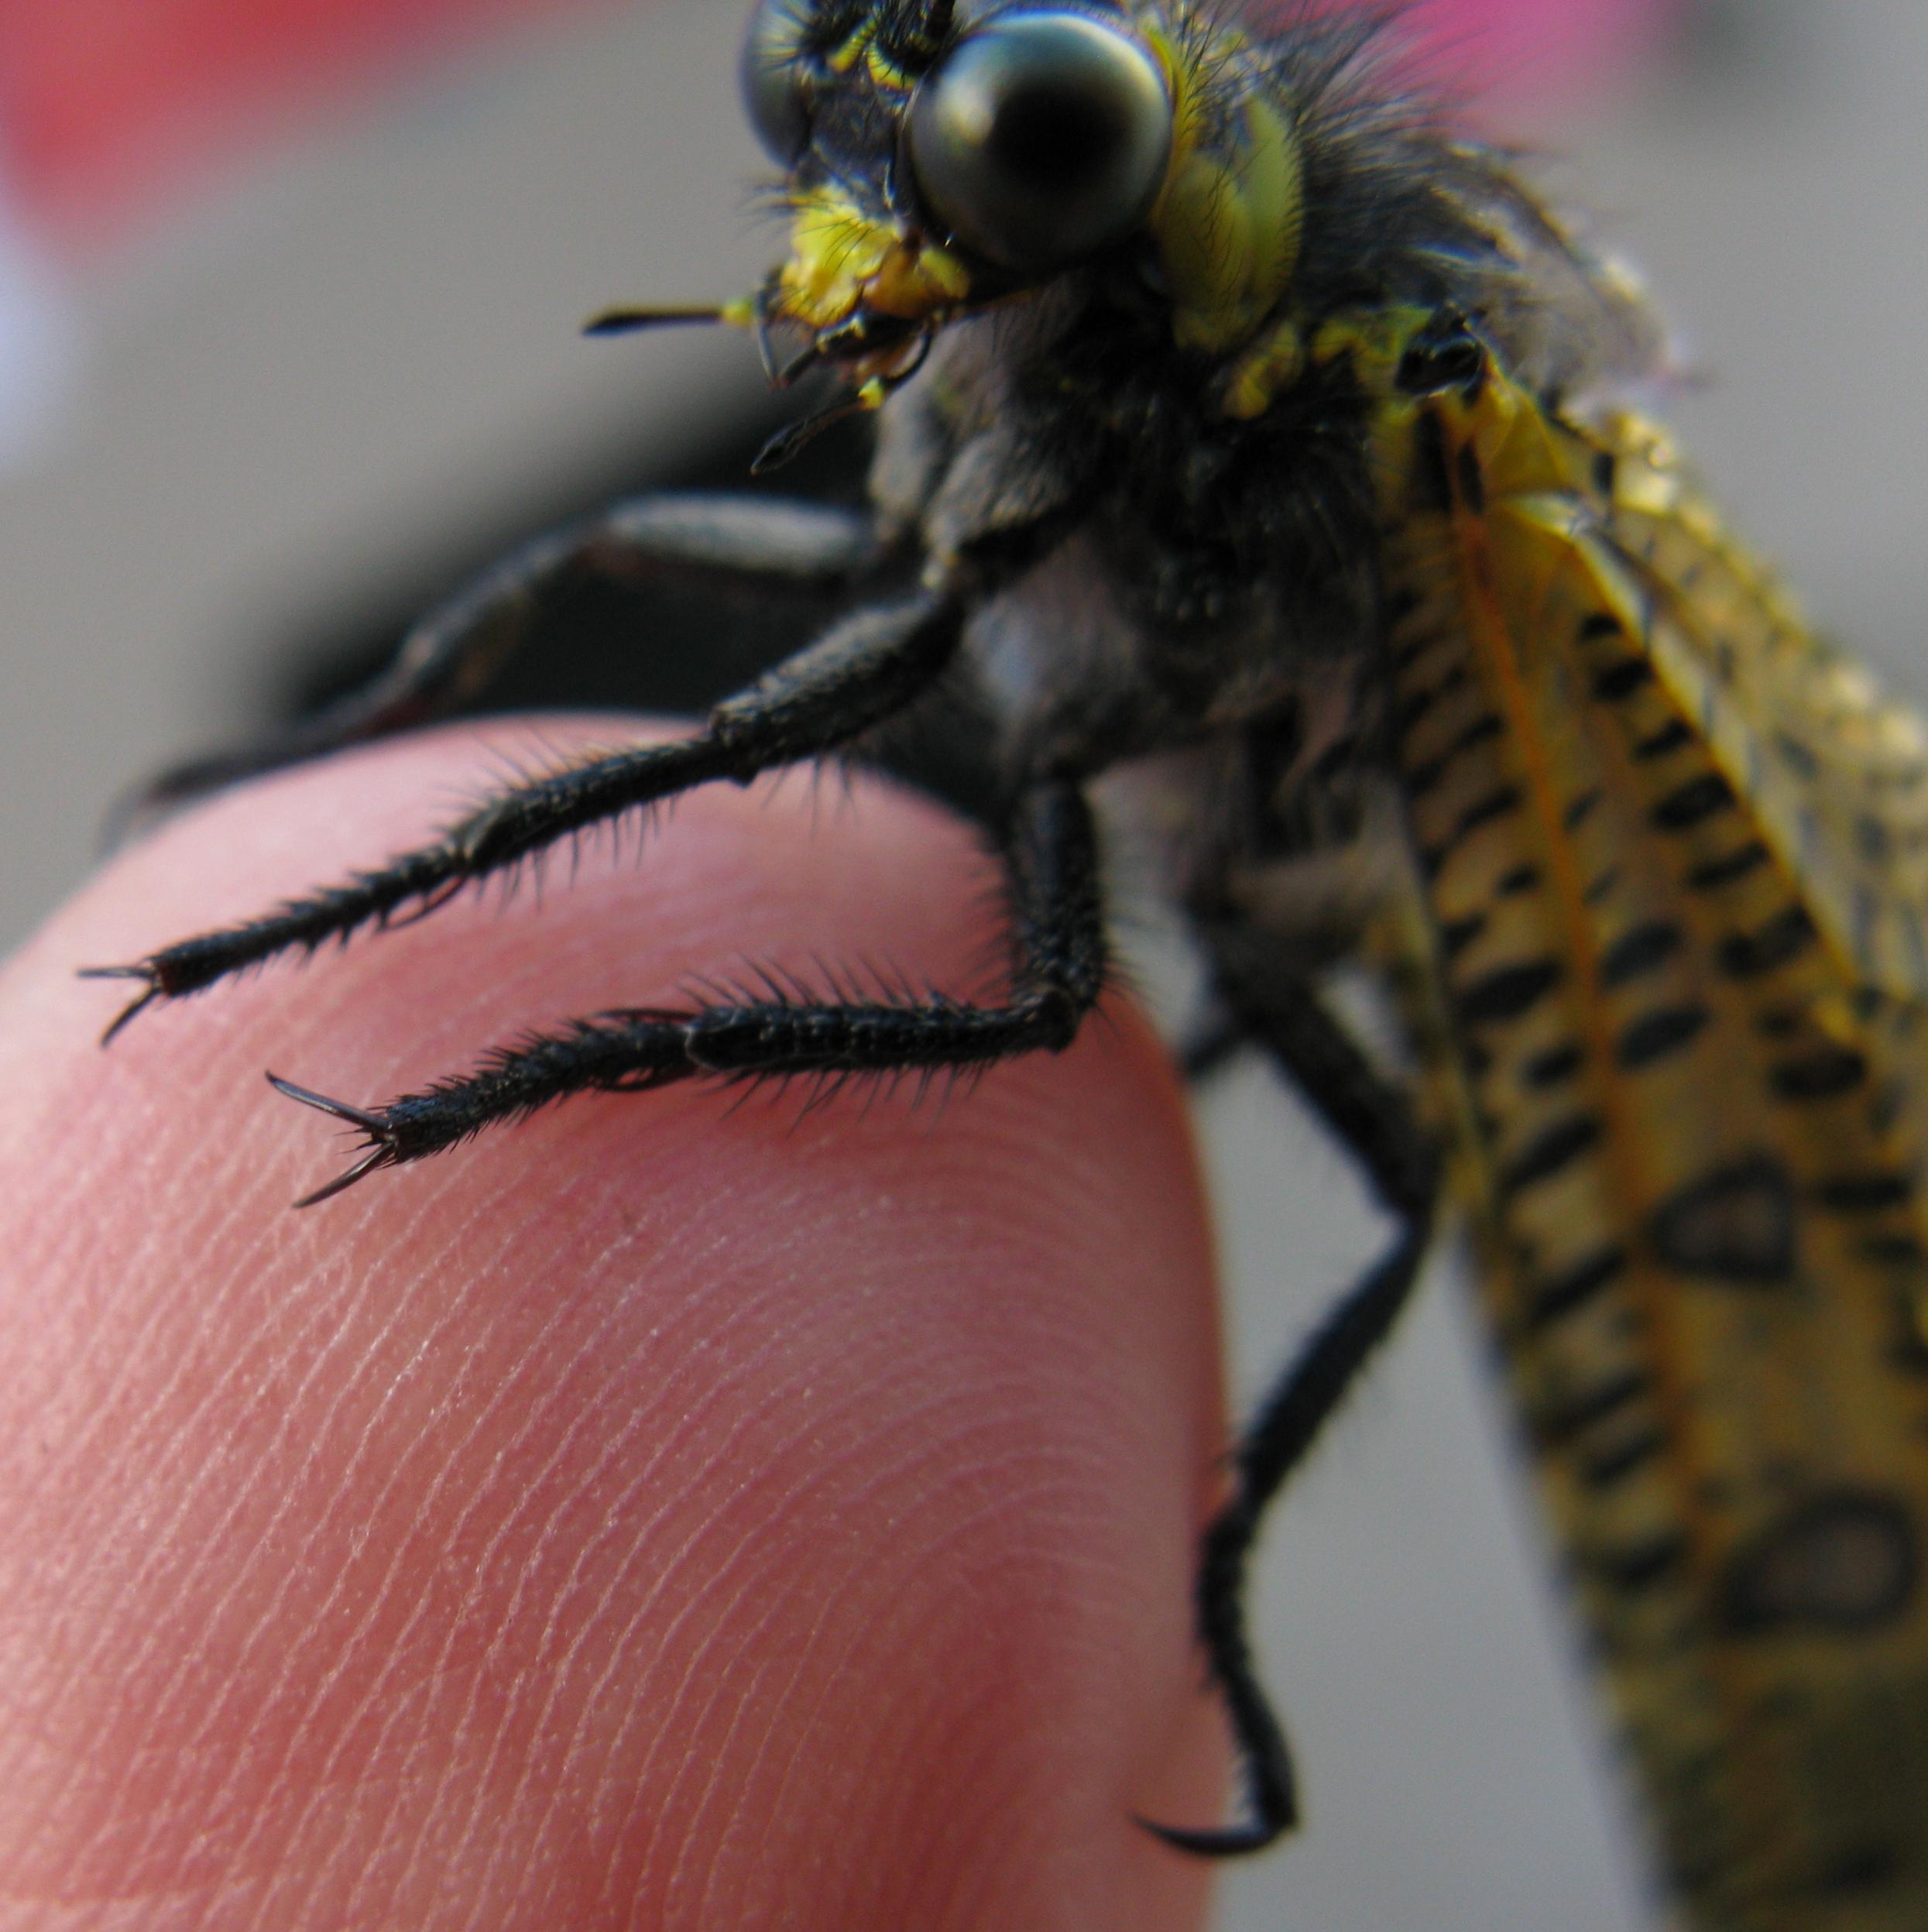 File:Palpares speciosus Myrmeleontidae Adult Feet+trophi.jpg